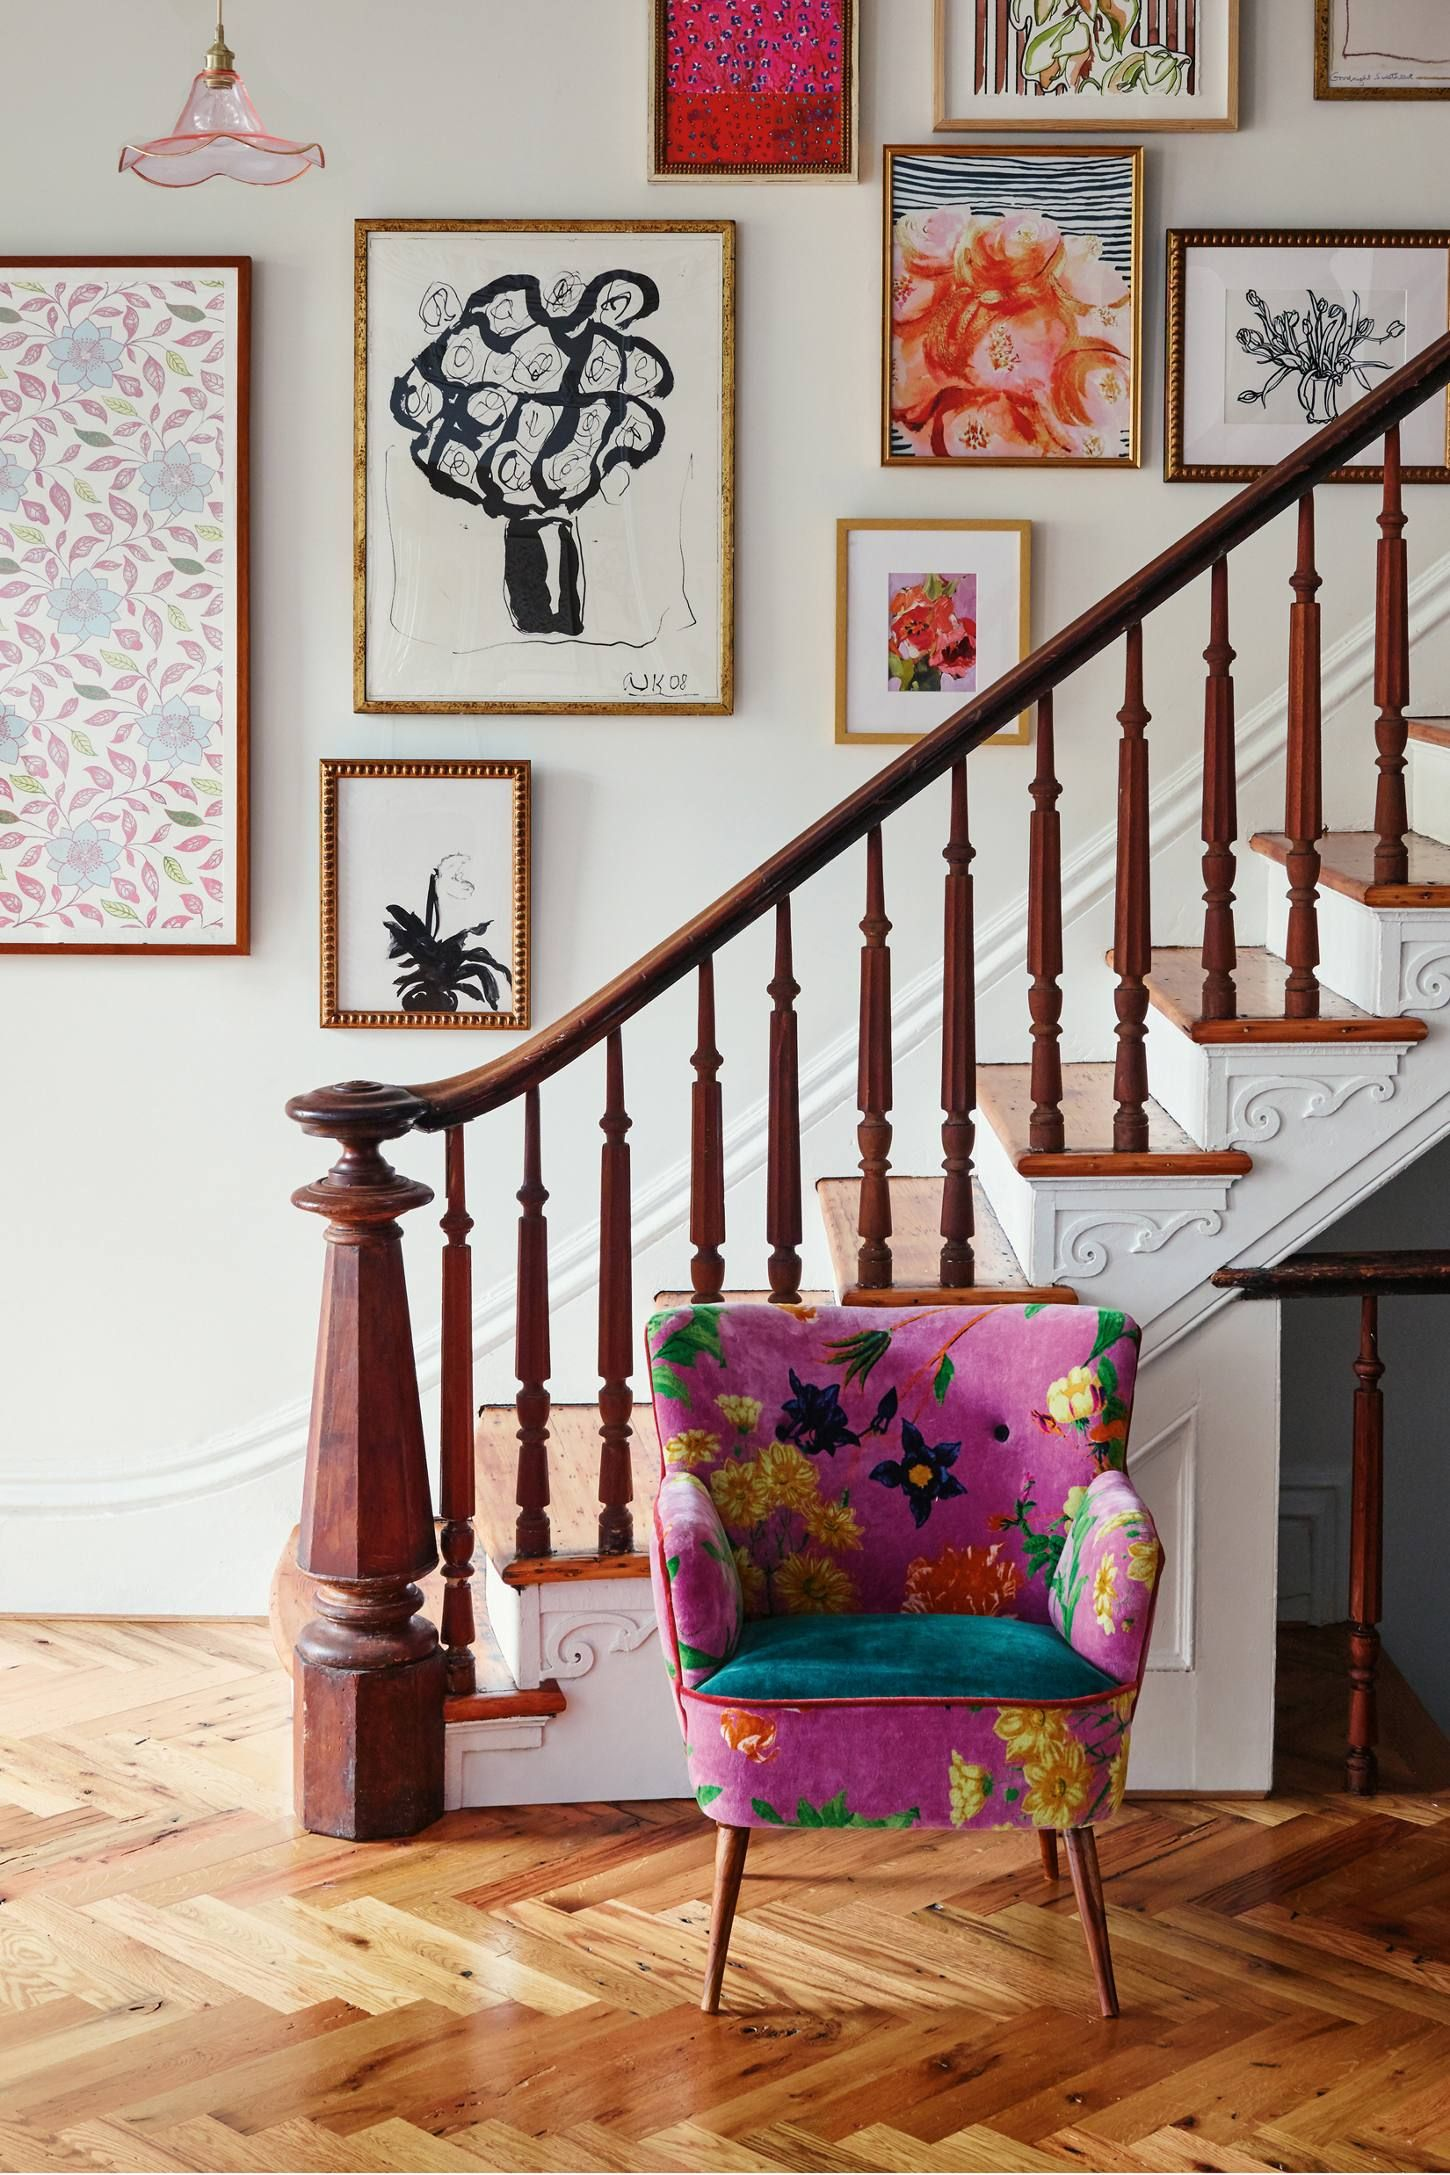 Admirable Floret Petite Accent Chair In 2019 Home Decor Retro Home Creativecarmelina Interior Chair Design Creativecarmelinacom